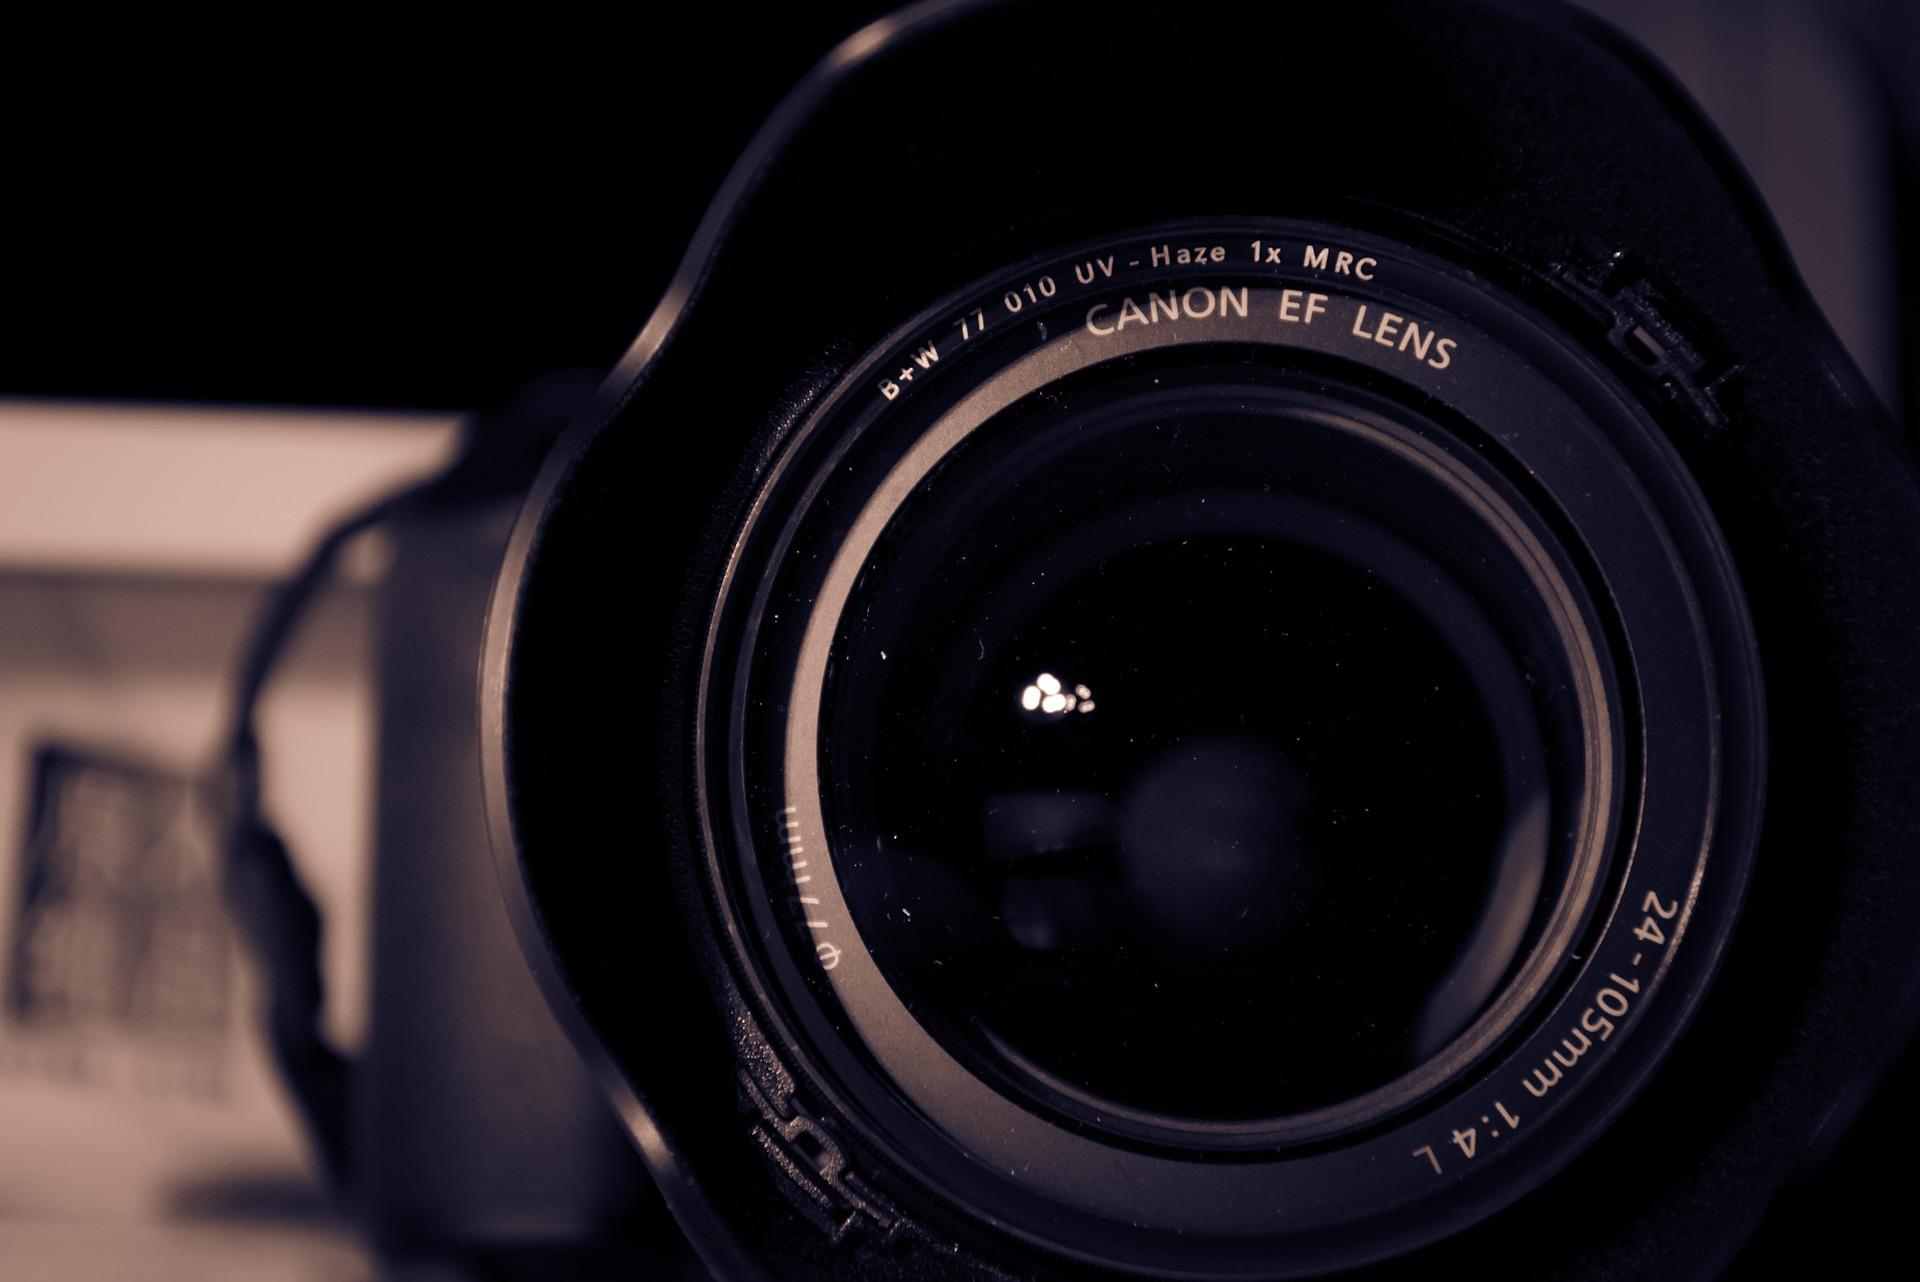 キャノン初のフルサイズミラーレスのスペック・レンズマウントはどうなる?いつ発売予定など気になる情報を調査